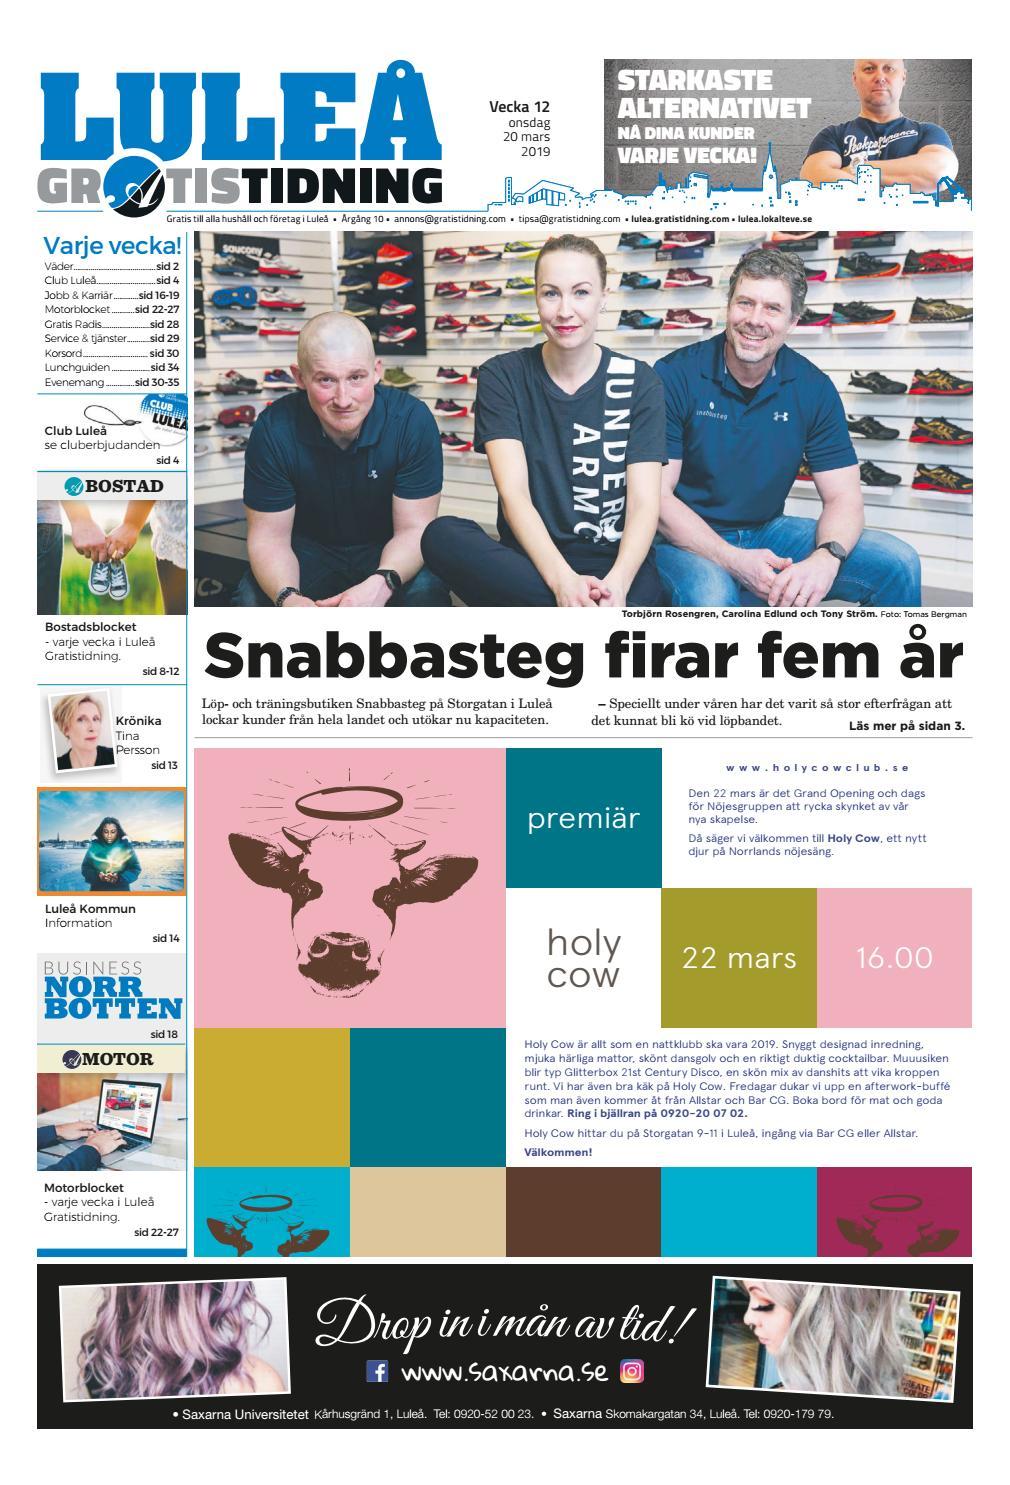 8bb6d3e405b8 Luleå Gratistidning vecka 12, 2019 by Svenska Civildatalogerna AB - issuu